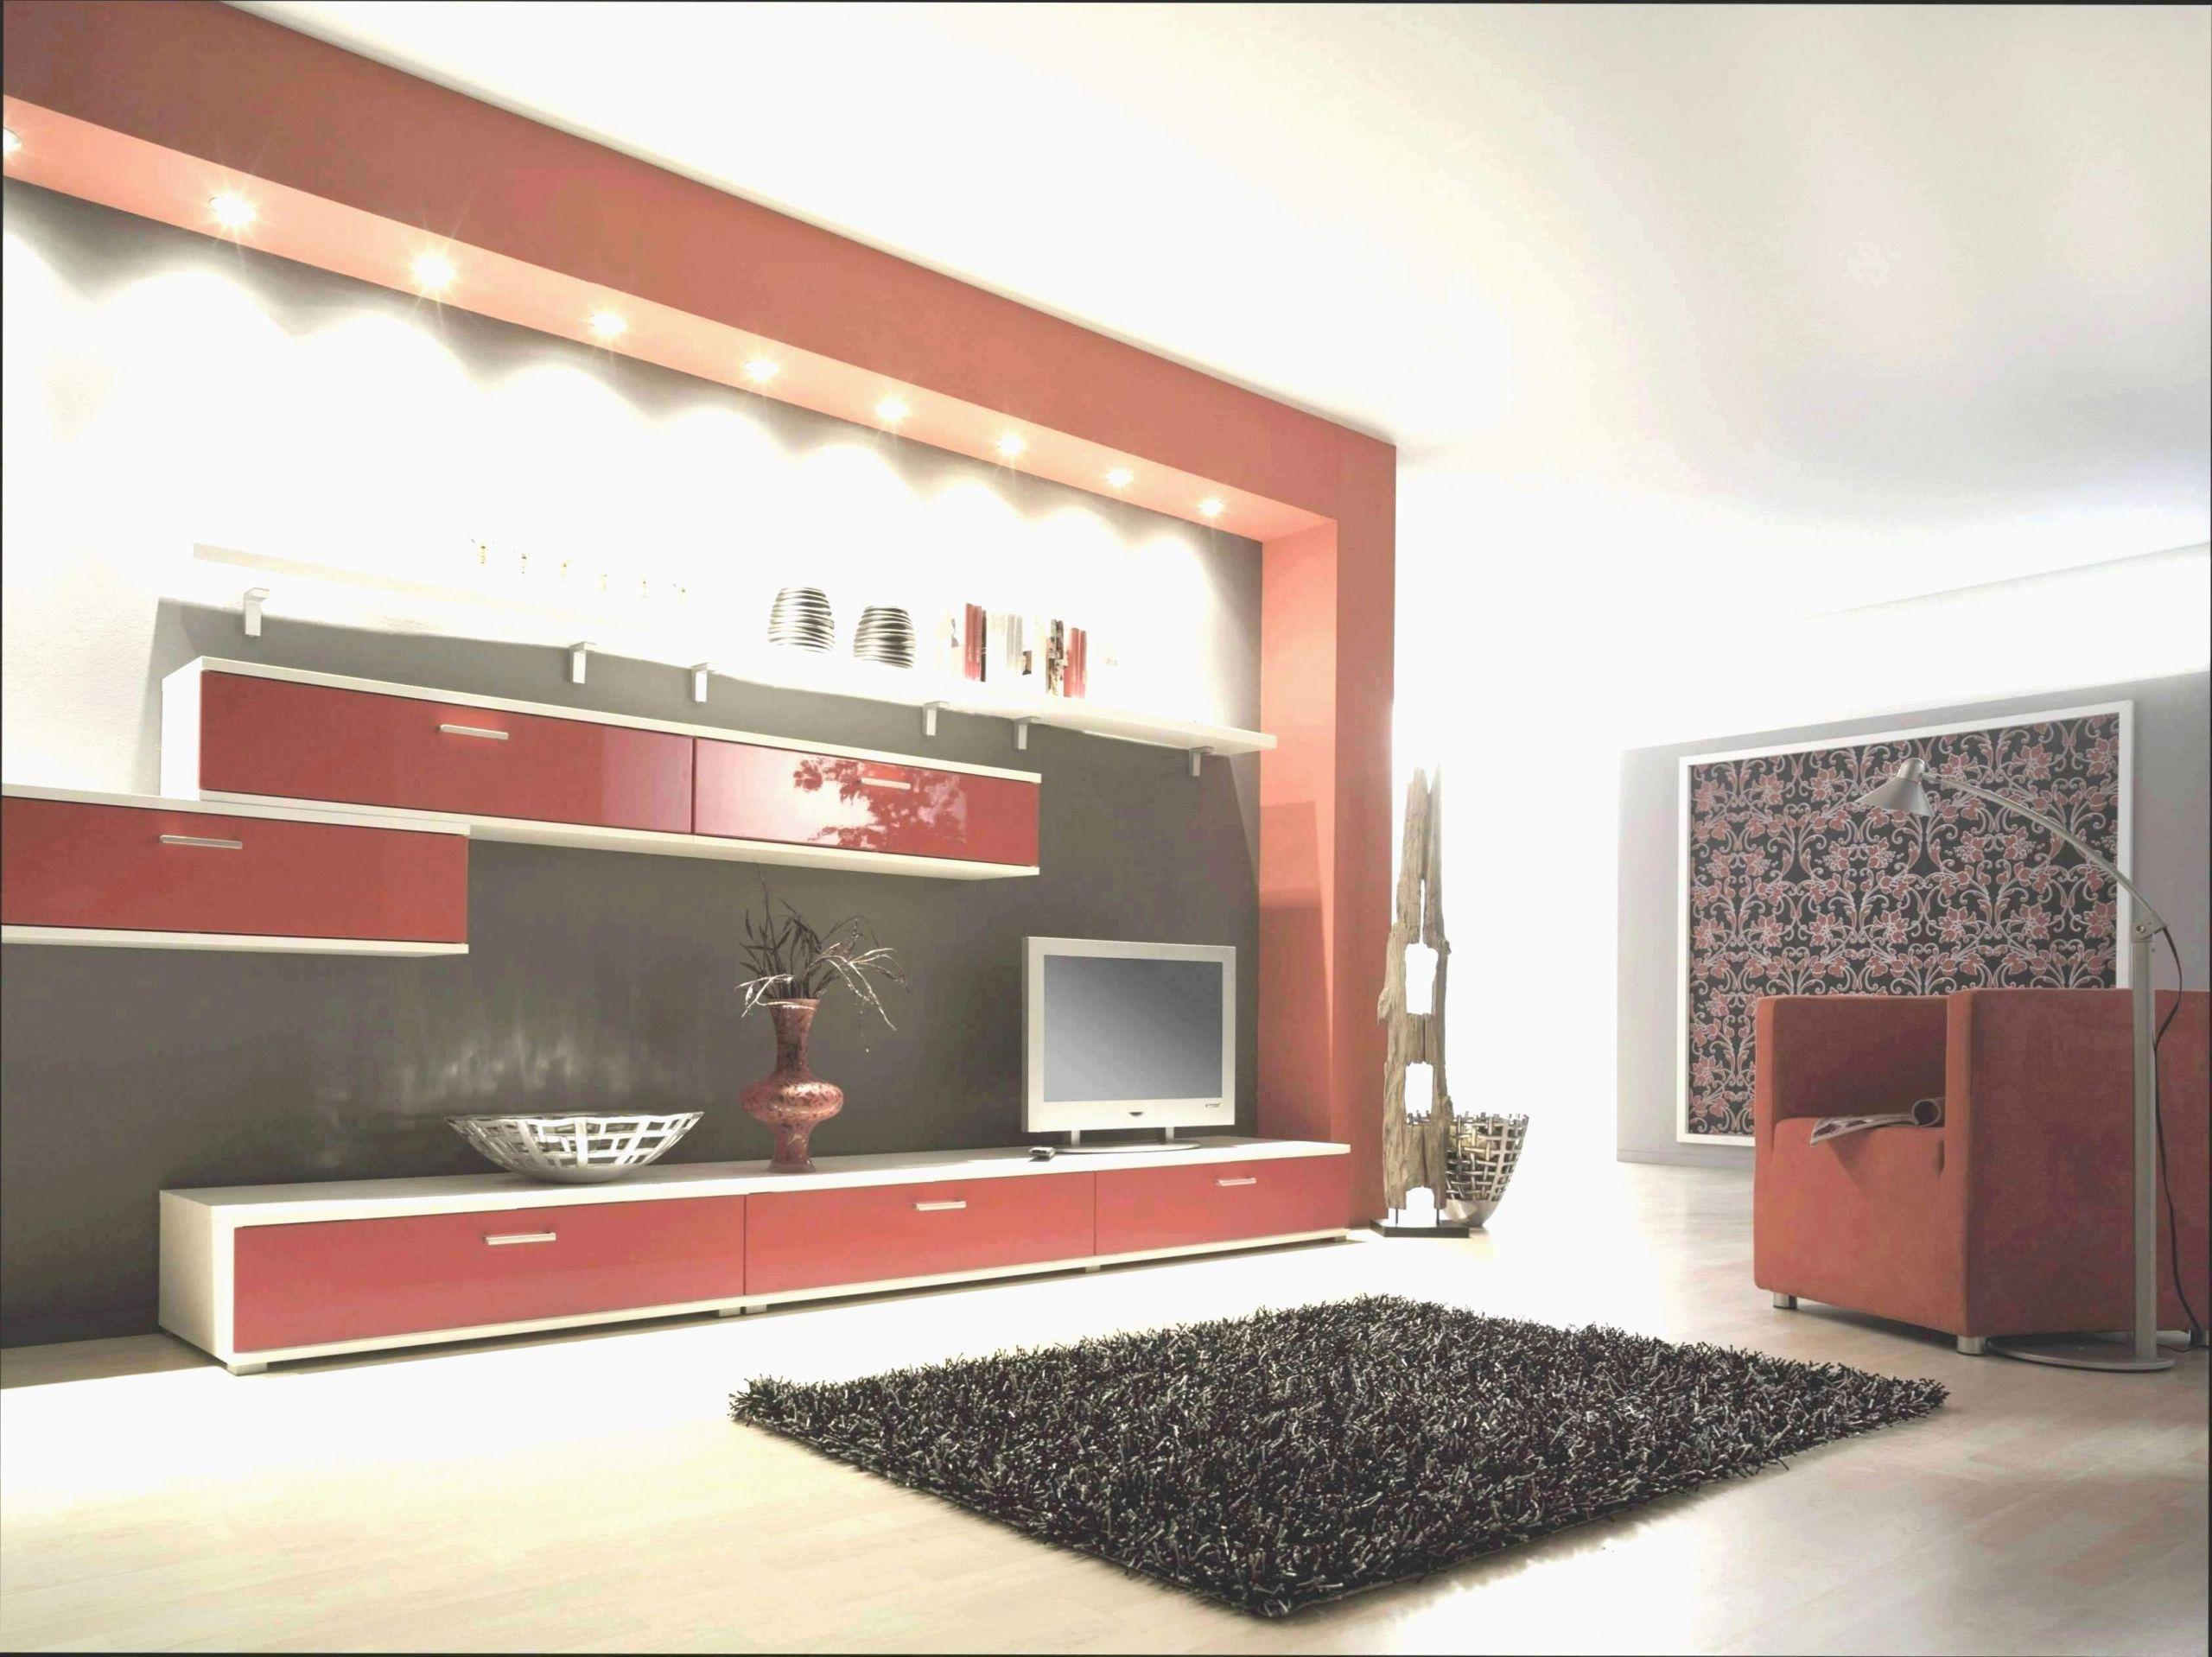 Full Size of Ikea Wohnzimmerschrank Wohnzimmer Schrank Luxus Ideen Planen Tipps Sofa Mit Schlaffunktion Modulküche Küche Kosten Betten Bei Kaufen Miniküche 160x200 Wohnzimmer Ikea Wohnzimmerschrank